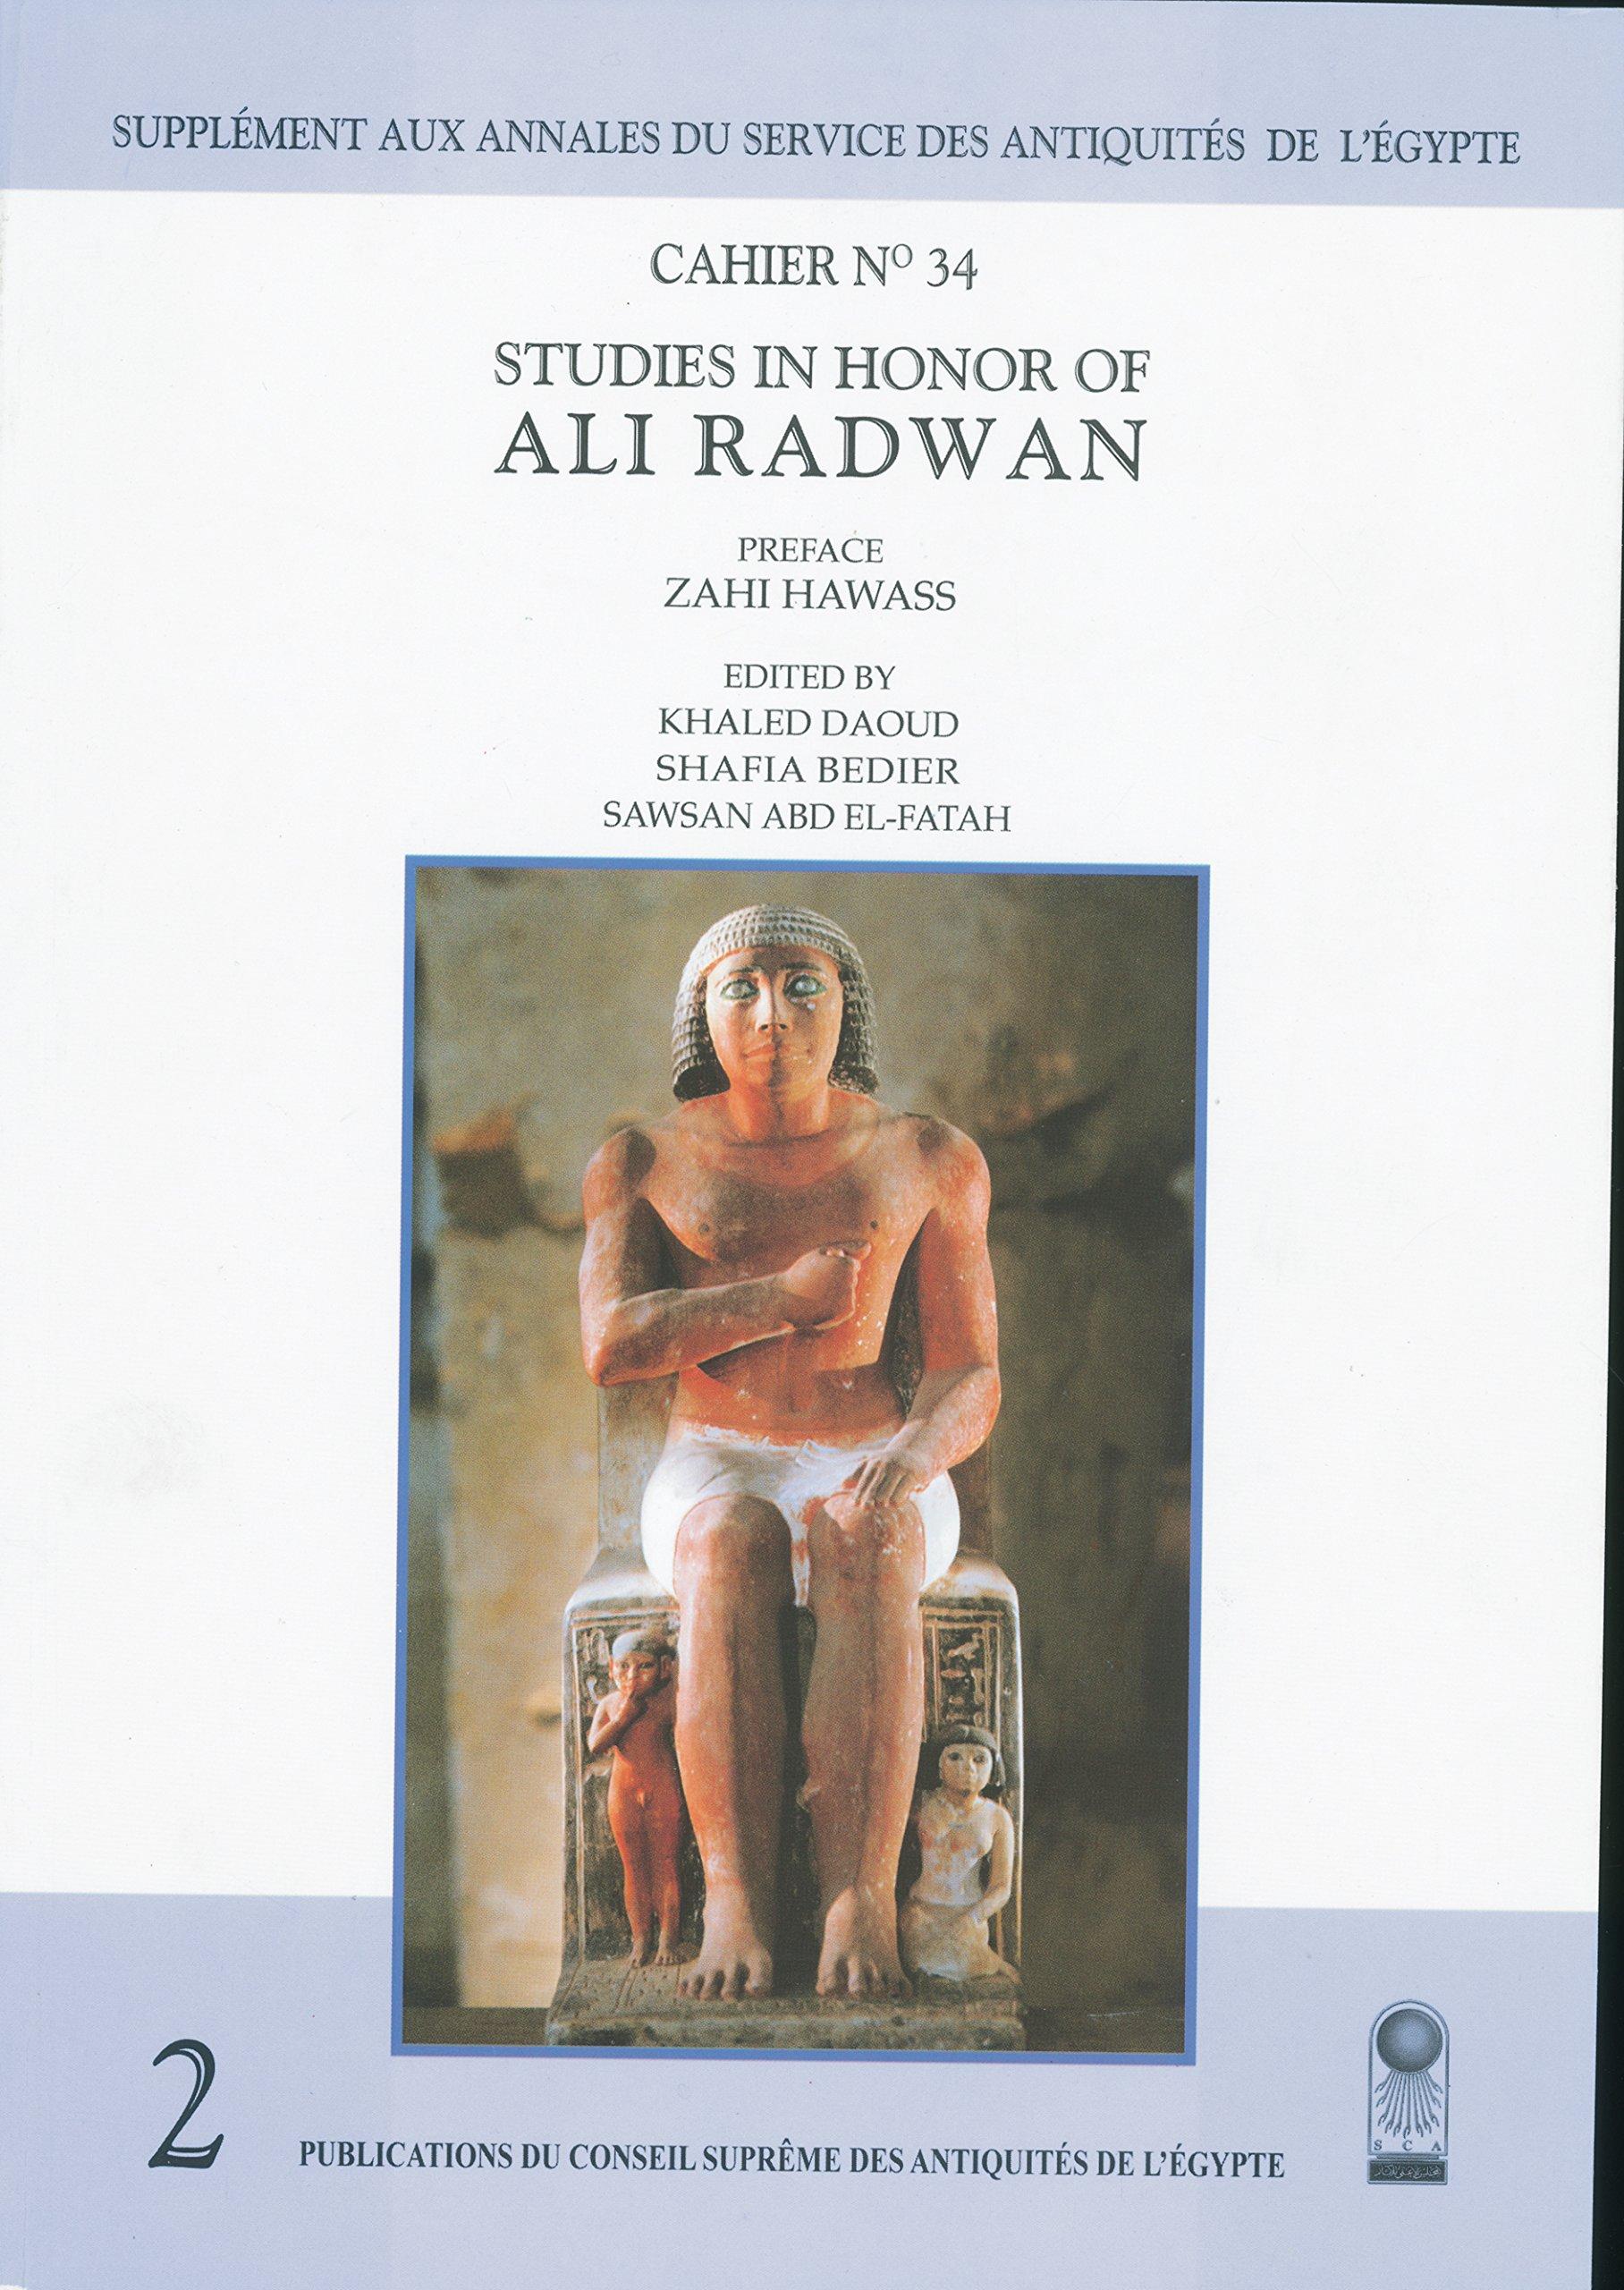 Annales du Service des Antiquités de l'Egypte: Cahier No. 34: Studies in Honor of Ali Radwan PDF